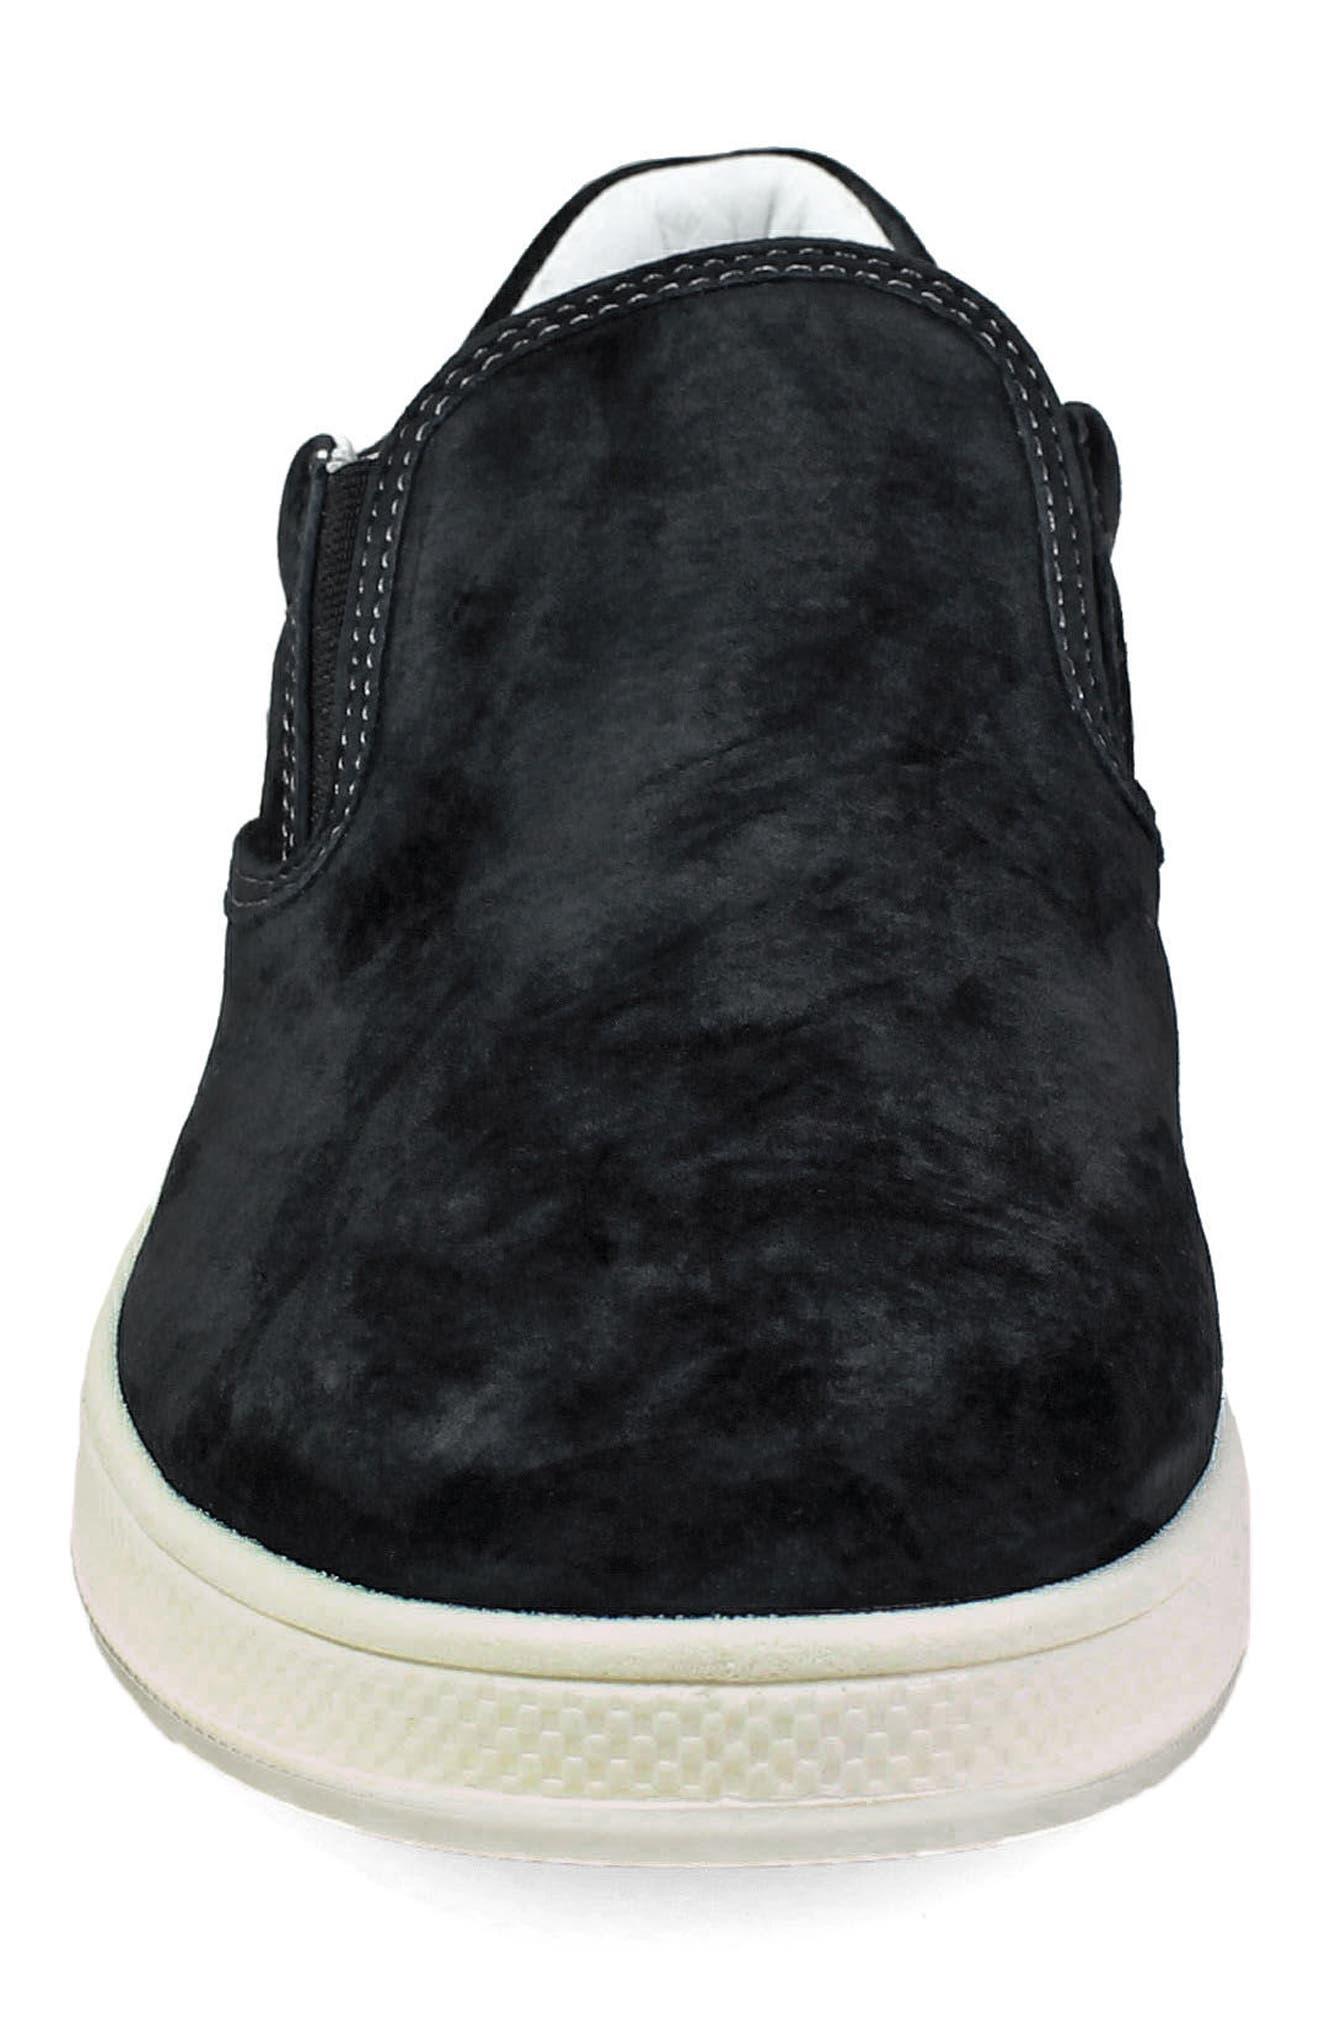 FLORSHEIM,                             Edge Slip-On Sneaker,                             Alternate thumbnail 4, color,                             001